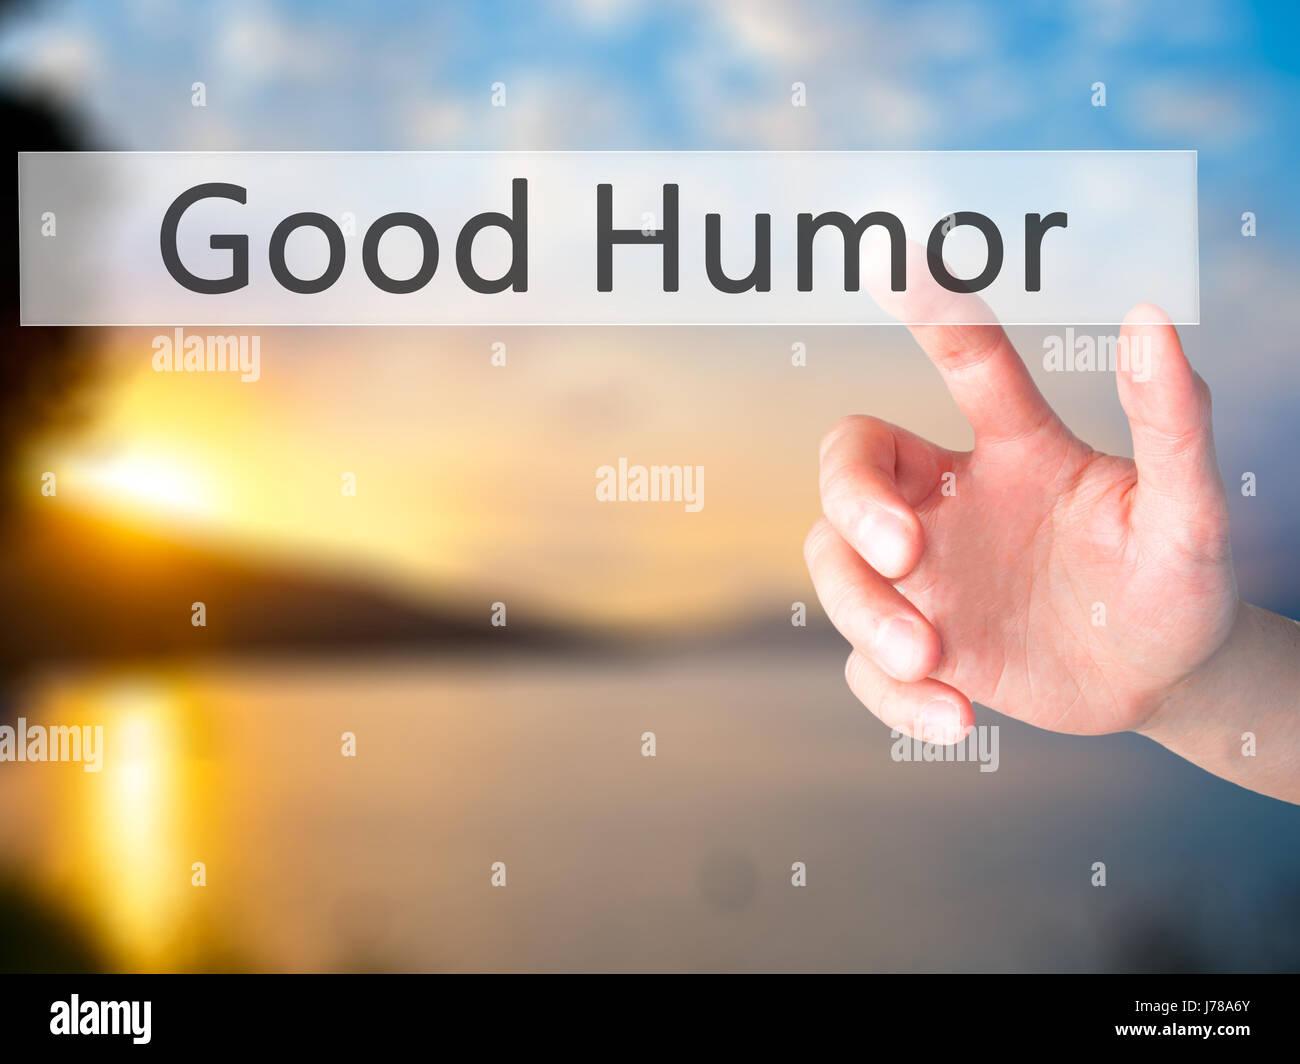 Buen Humor - Mano presionando un botón de fondo borroso concepto . Negocios, tecnología, internet concepto. Imagen De Stock